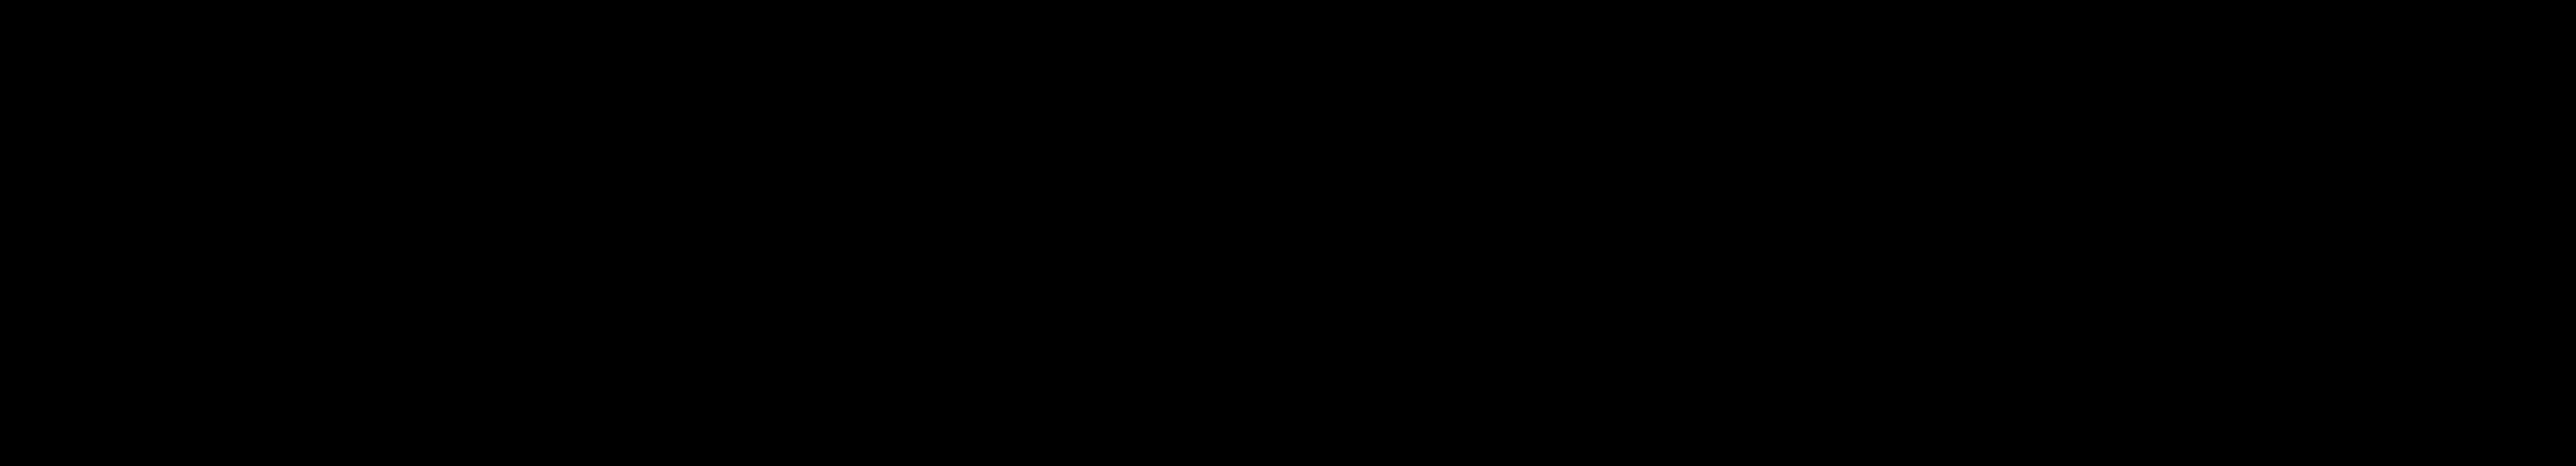 Meama